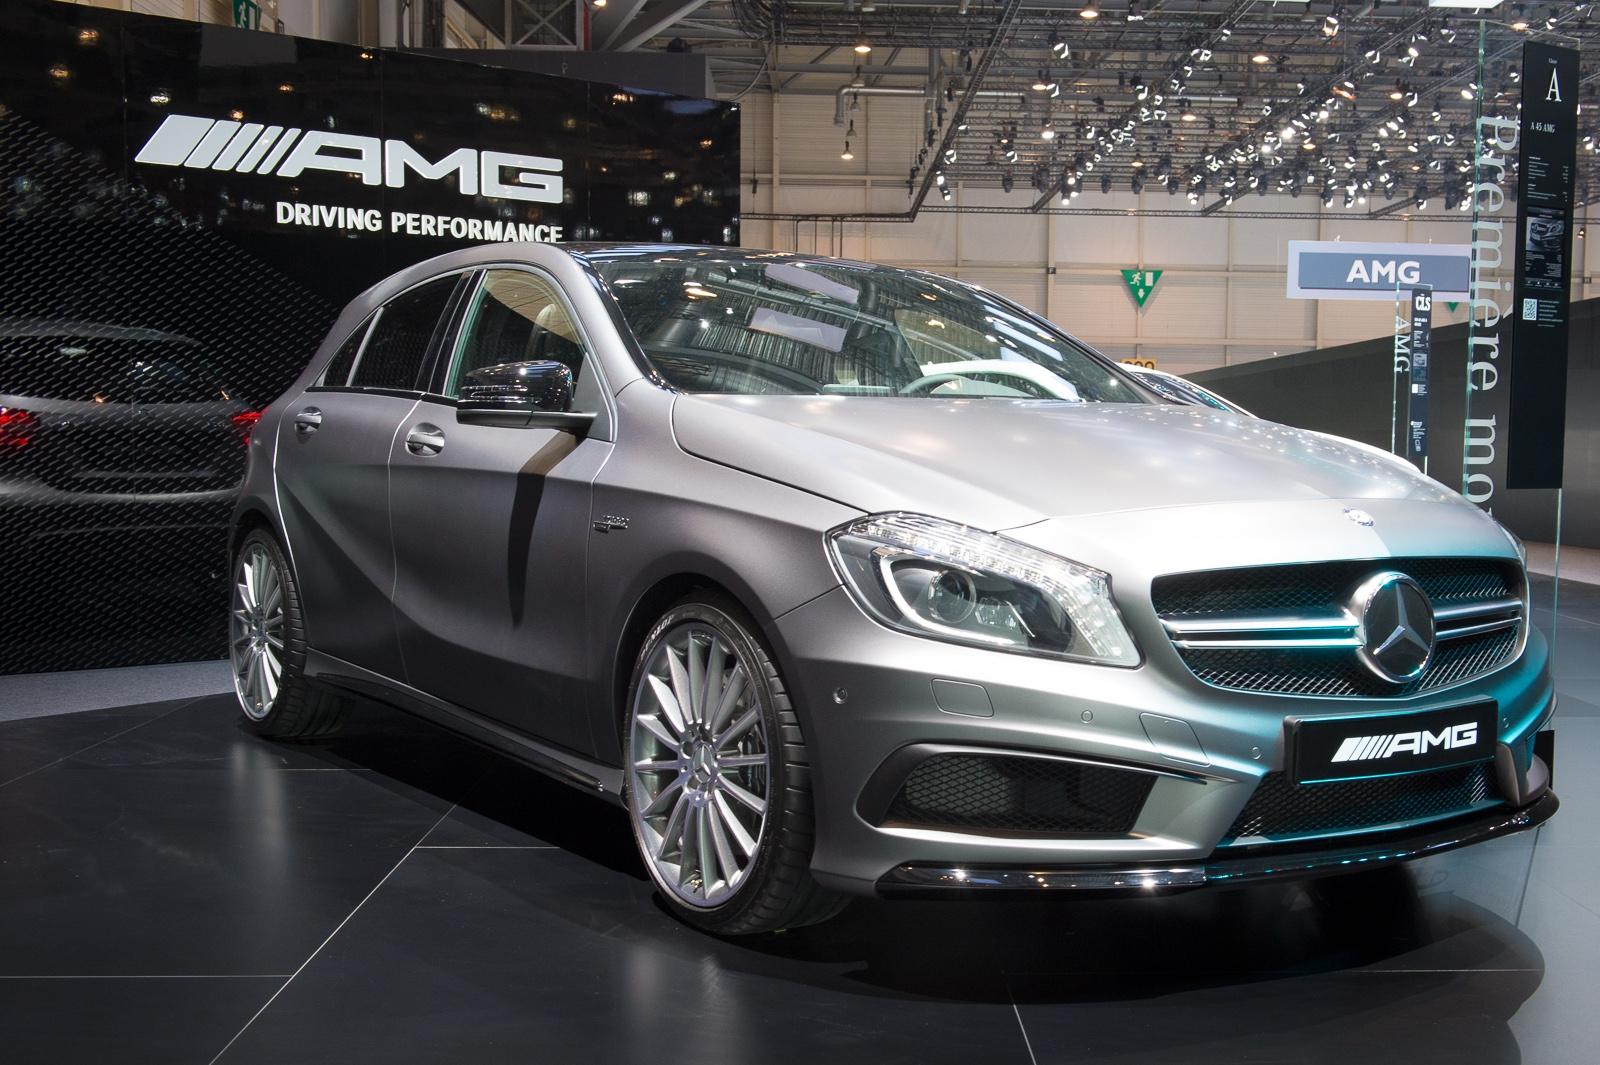 2013-mercedes-benz-a45-amg-mountaingrau-metallic-genf-auto-salon-01